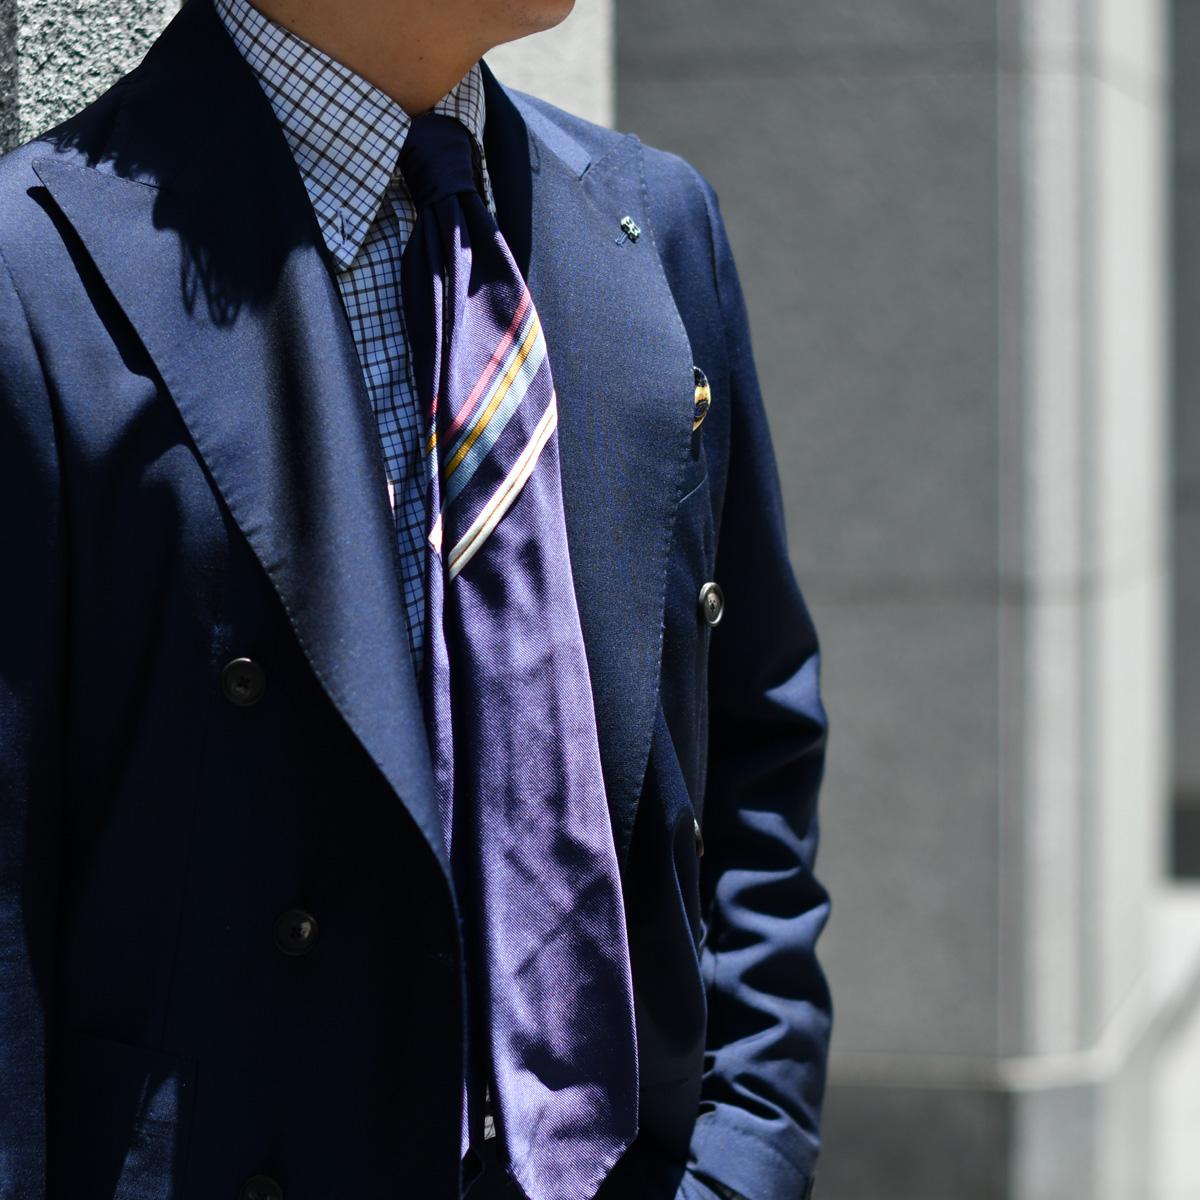 自由な着こなしを楽しむスーツスタイル!!TAGLIATORE【タリアトーレ】